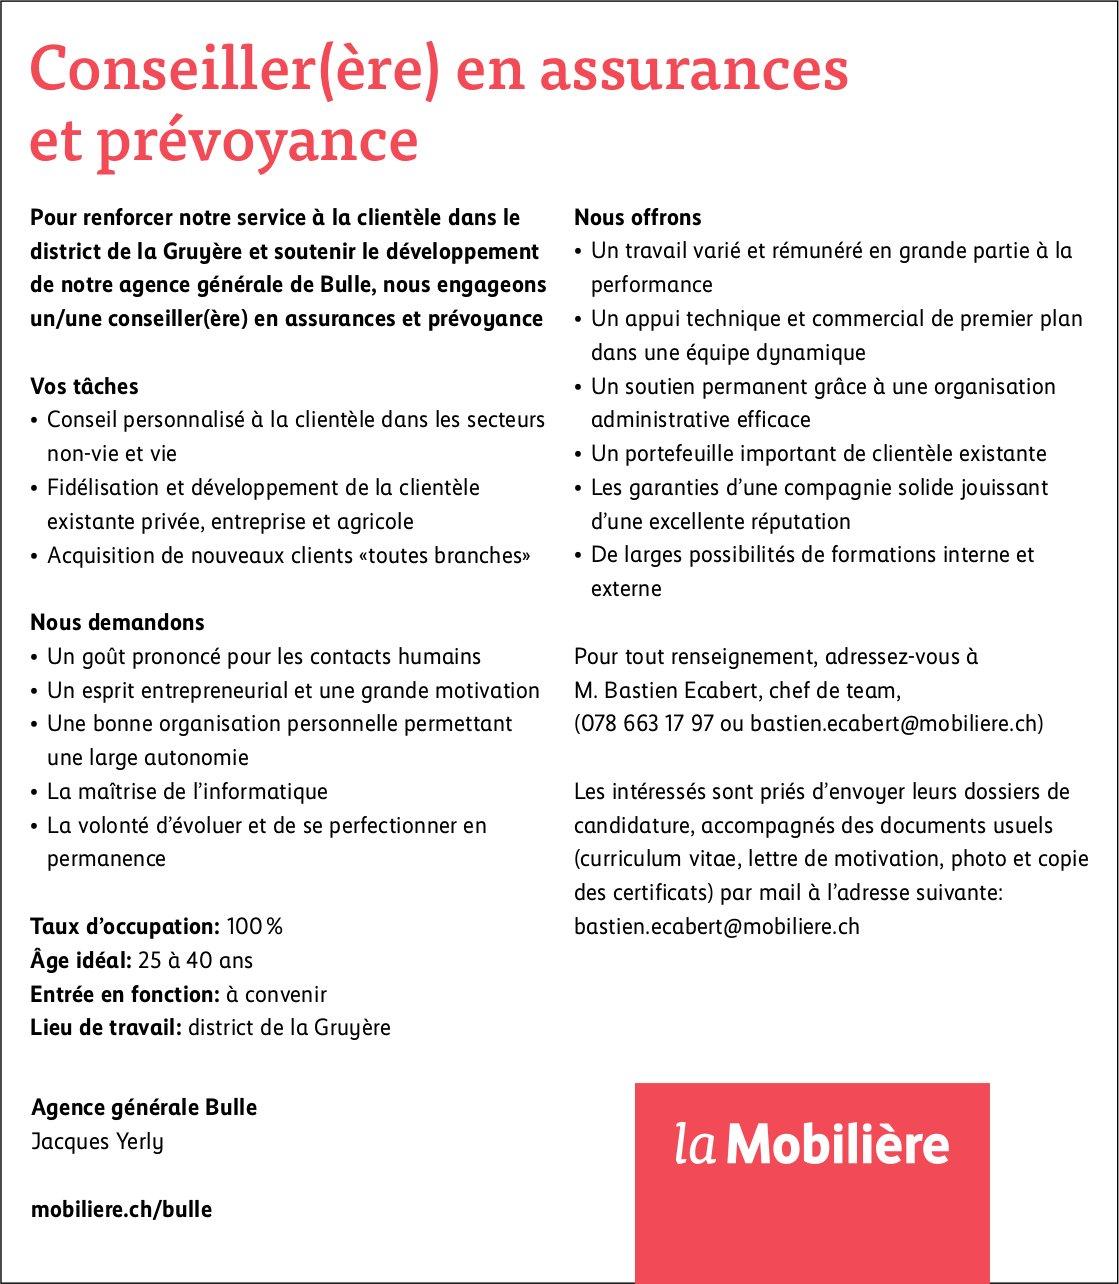 Conseiller(ère) en assurances et prévoyance, la Mobilière, district la Gruyère, recherché